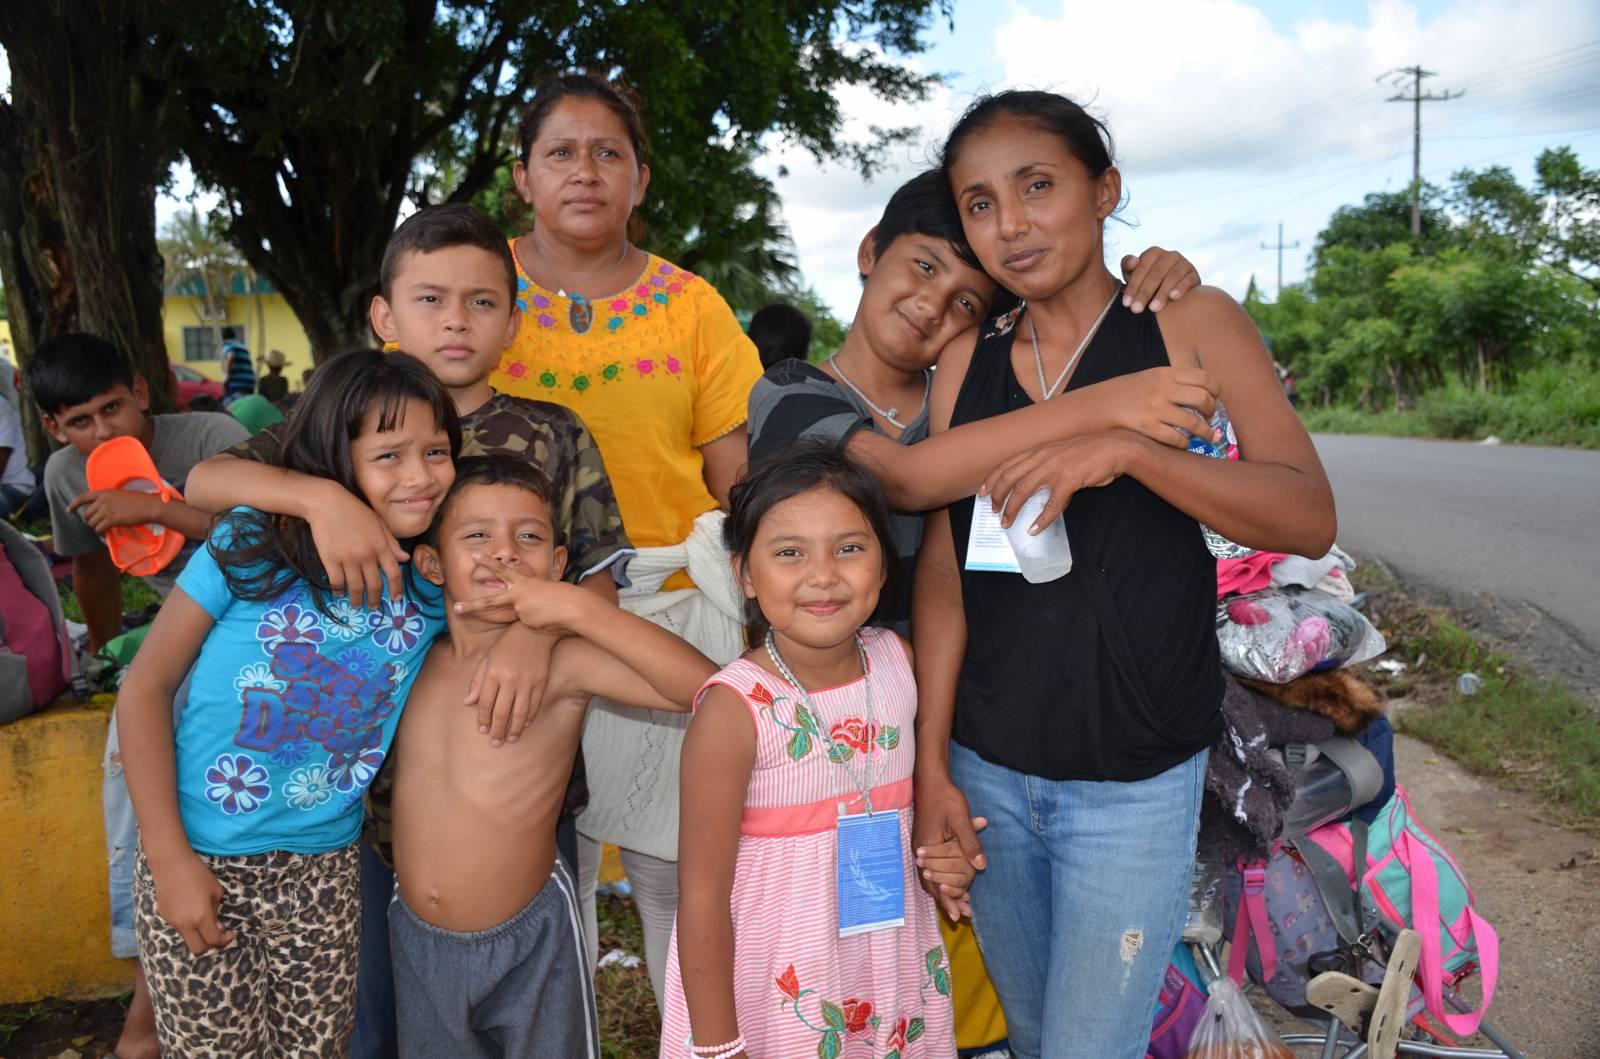 Breaking the Chains statement: La Caravana